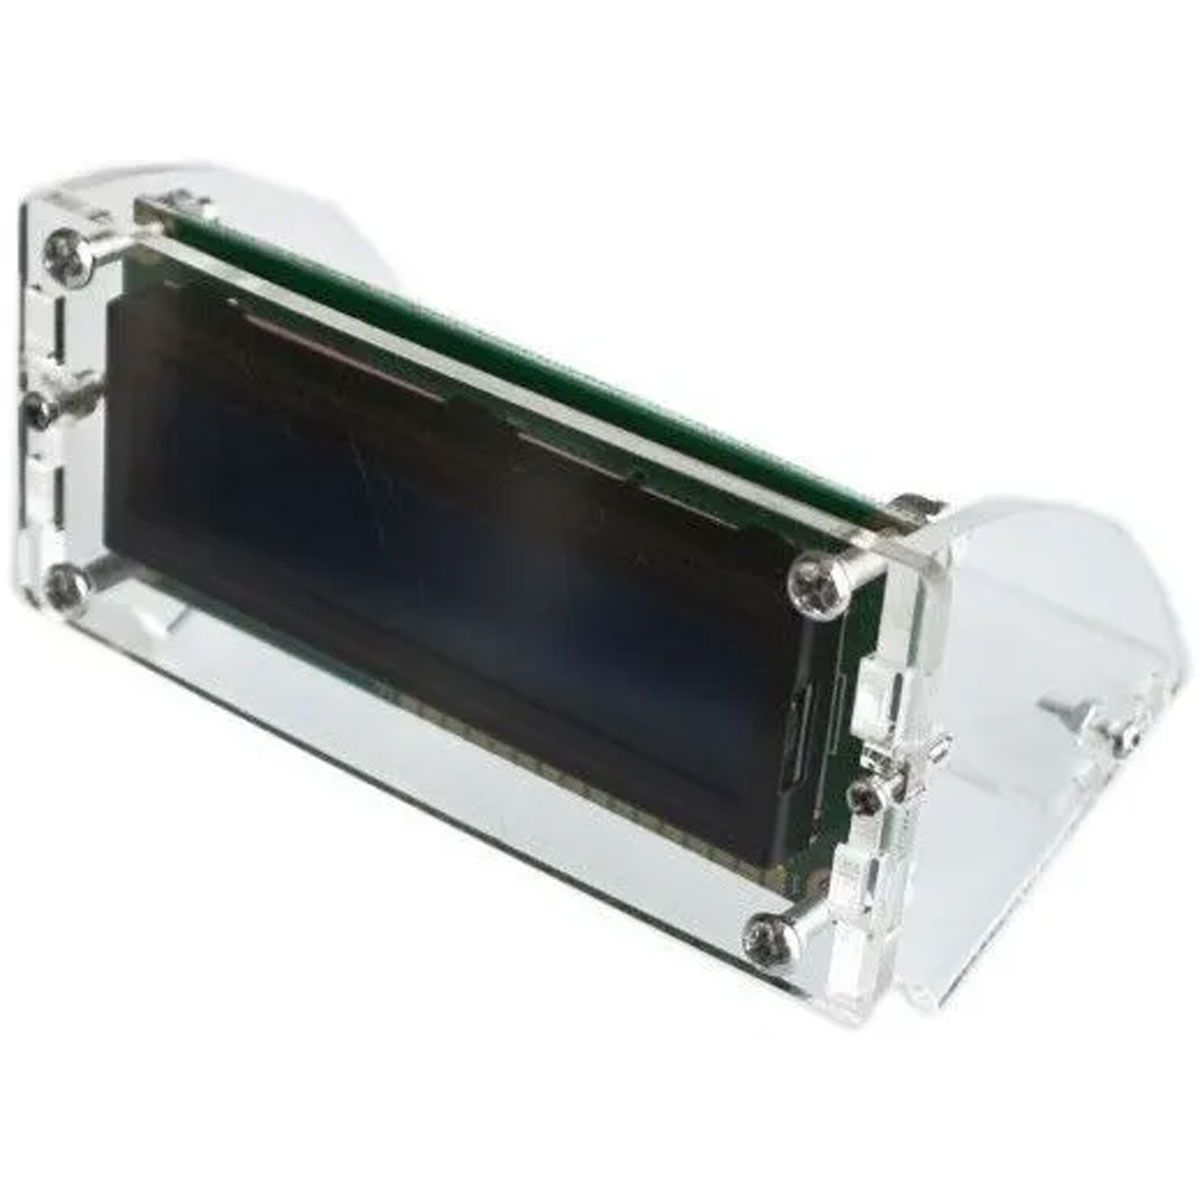 Suporte em Acrílico Transparente para Display Lcd 16x2